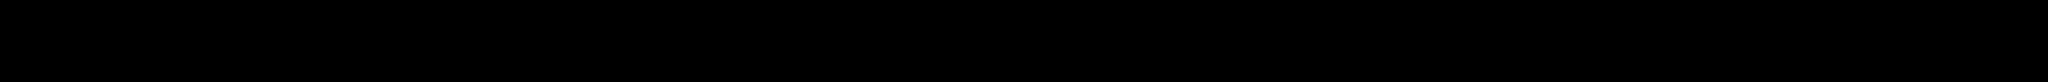 DENSO 80535000, GS3M67330B, 13227395, 13227405, 20908676 Törlőlapát